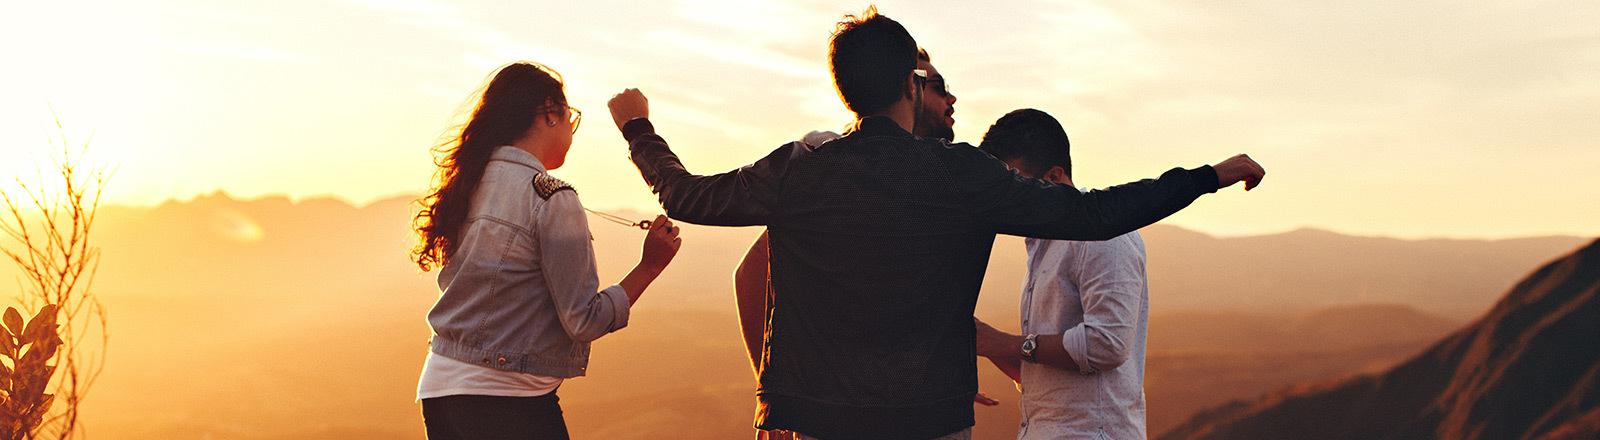 Vier Leute stehen beisammen in der Natur